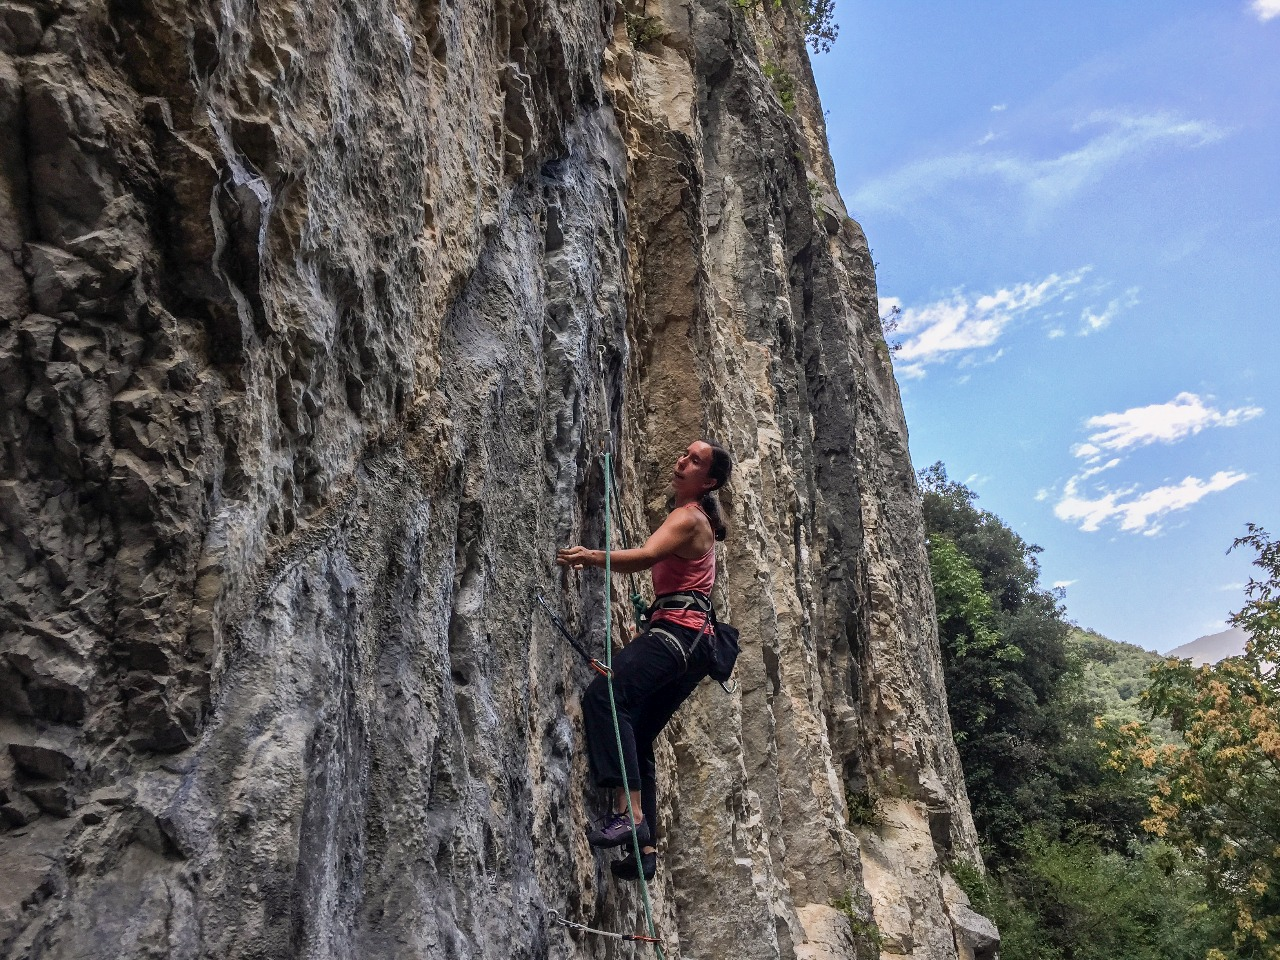 3 acessórios que fazem a diferença para seu desempenho na escalada esportiva